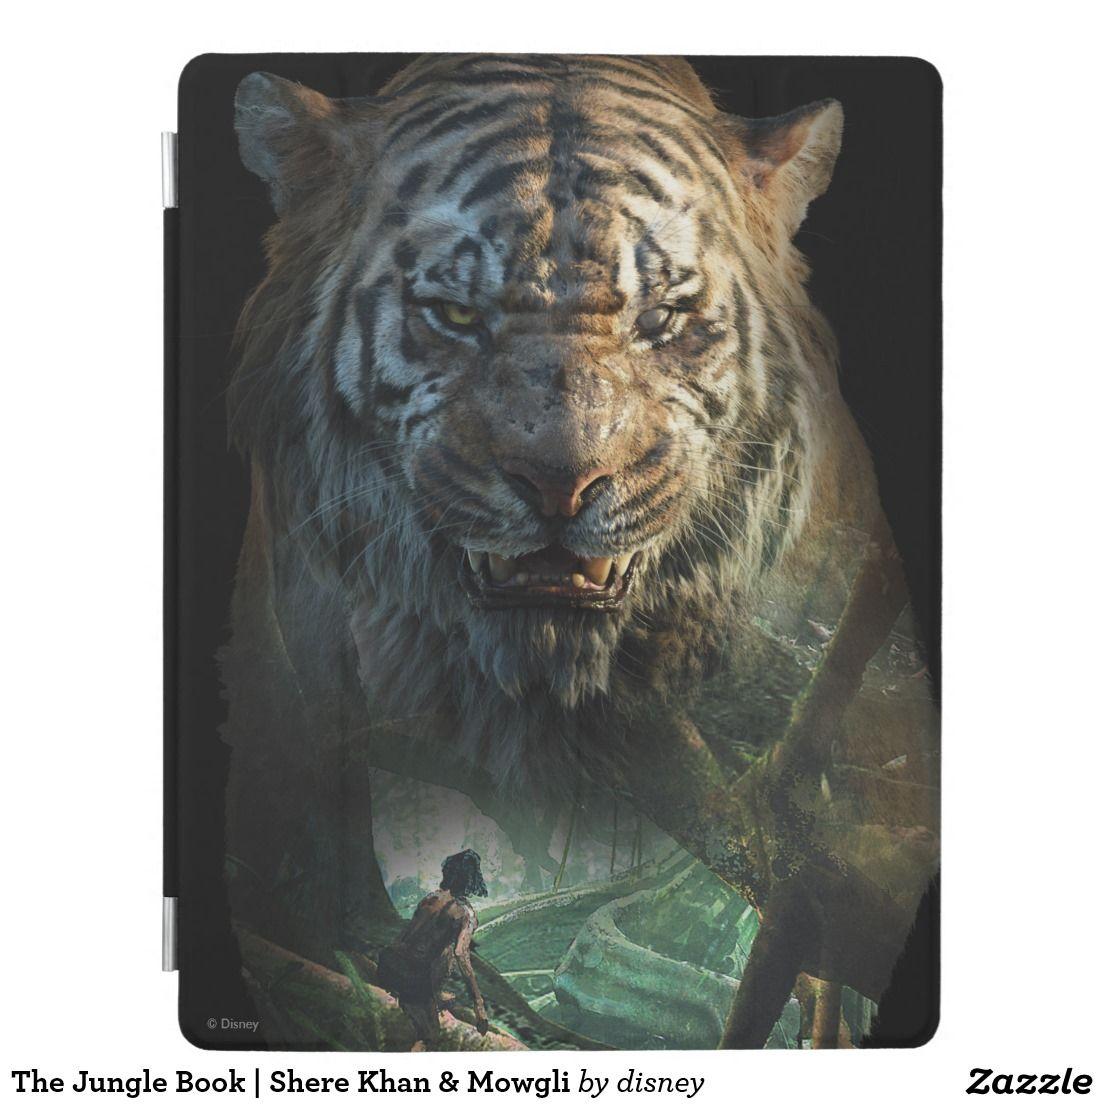 the jungle book | shere khan & mowgli ipad smart cover | jungle book